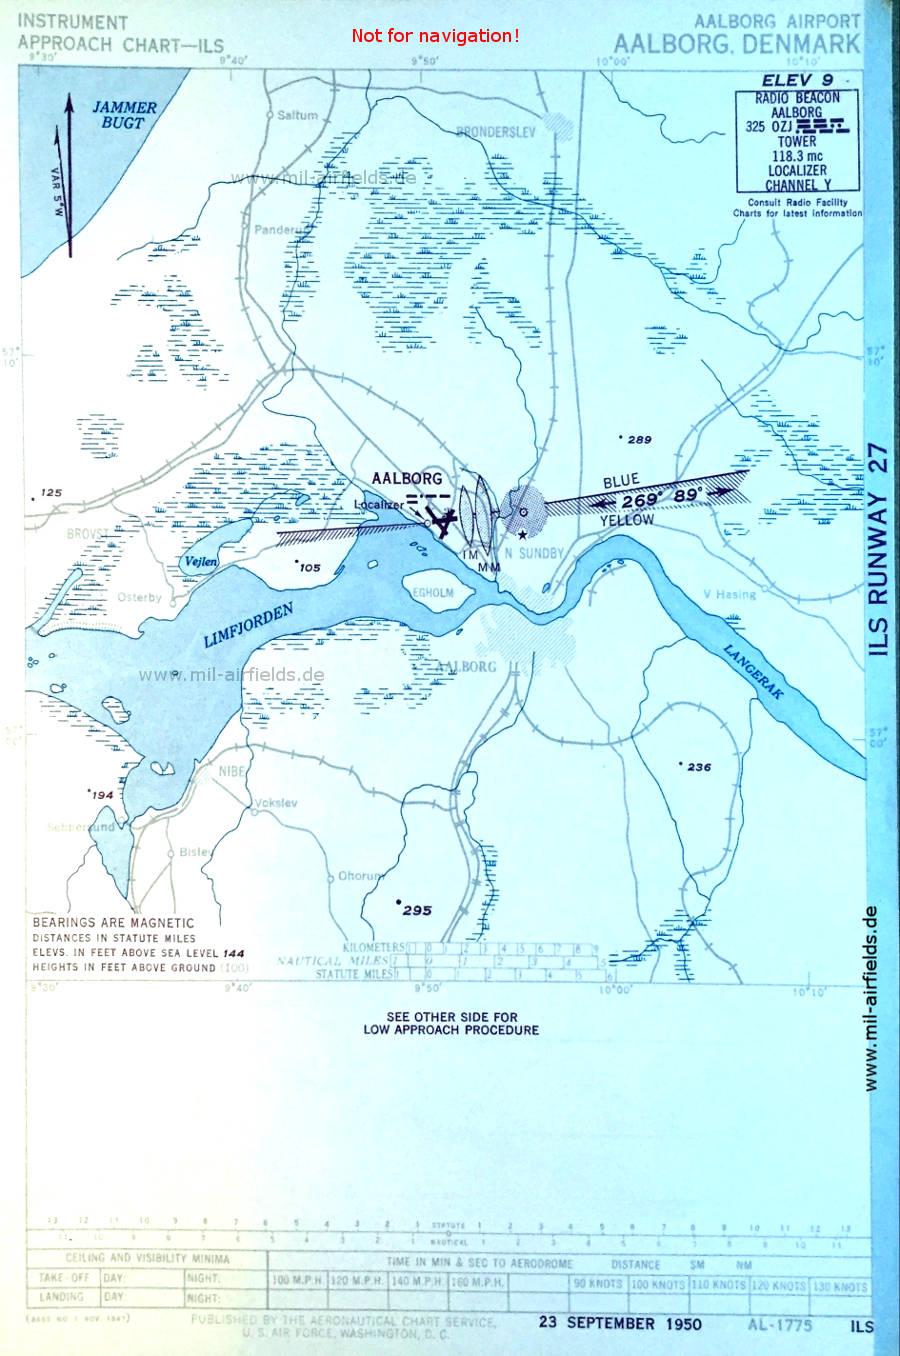 dänemark flughafen karte AalbFlughafen   Historische Anflugkarten   Military Airfield